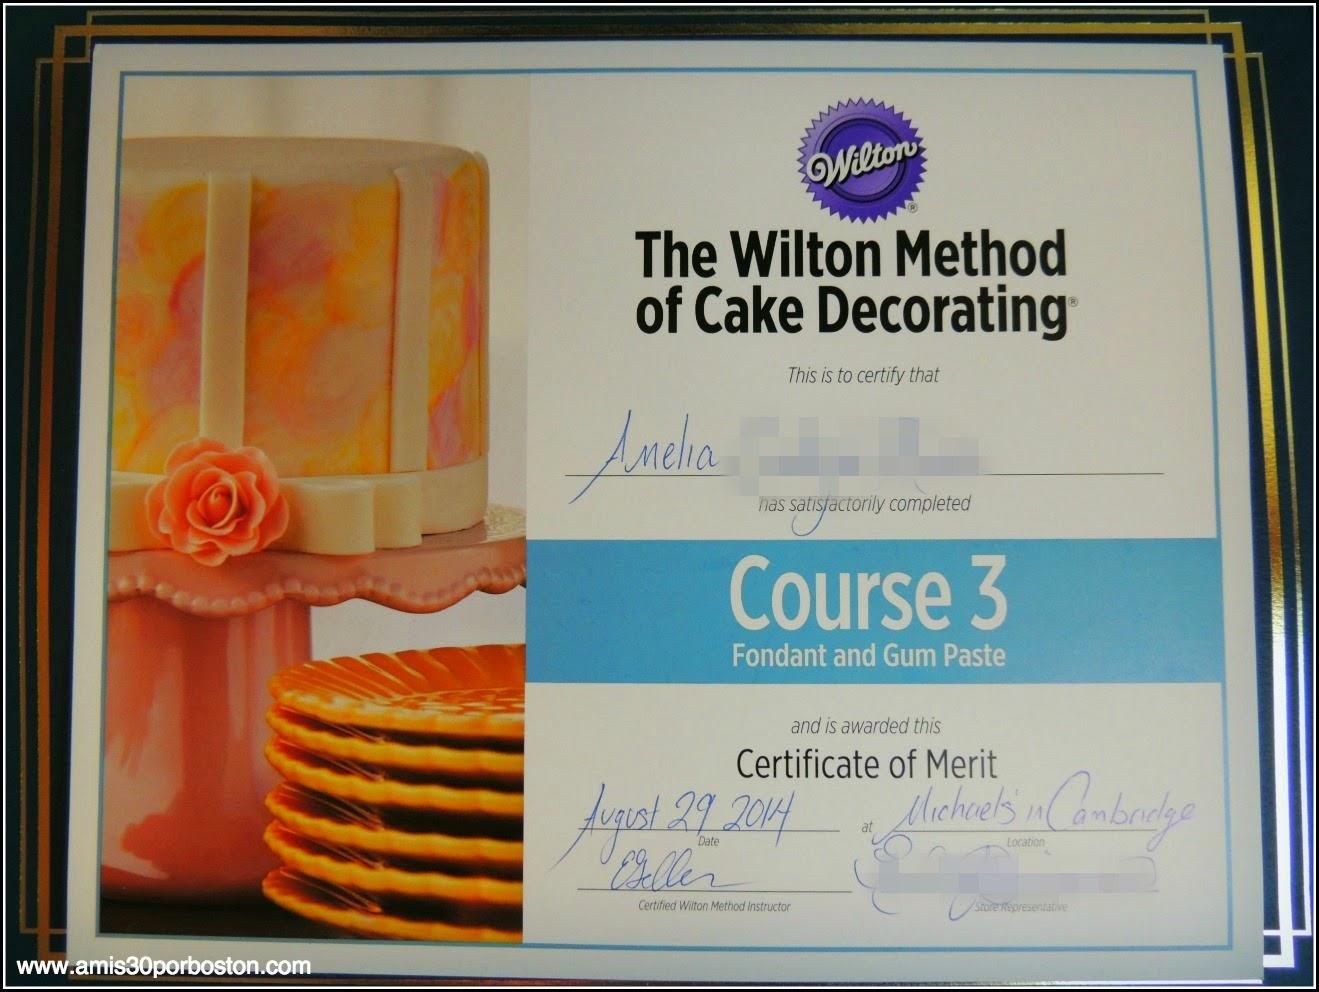 Curso 2 de Decoración Wilton: Pasta de Goma y Fondant